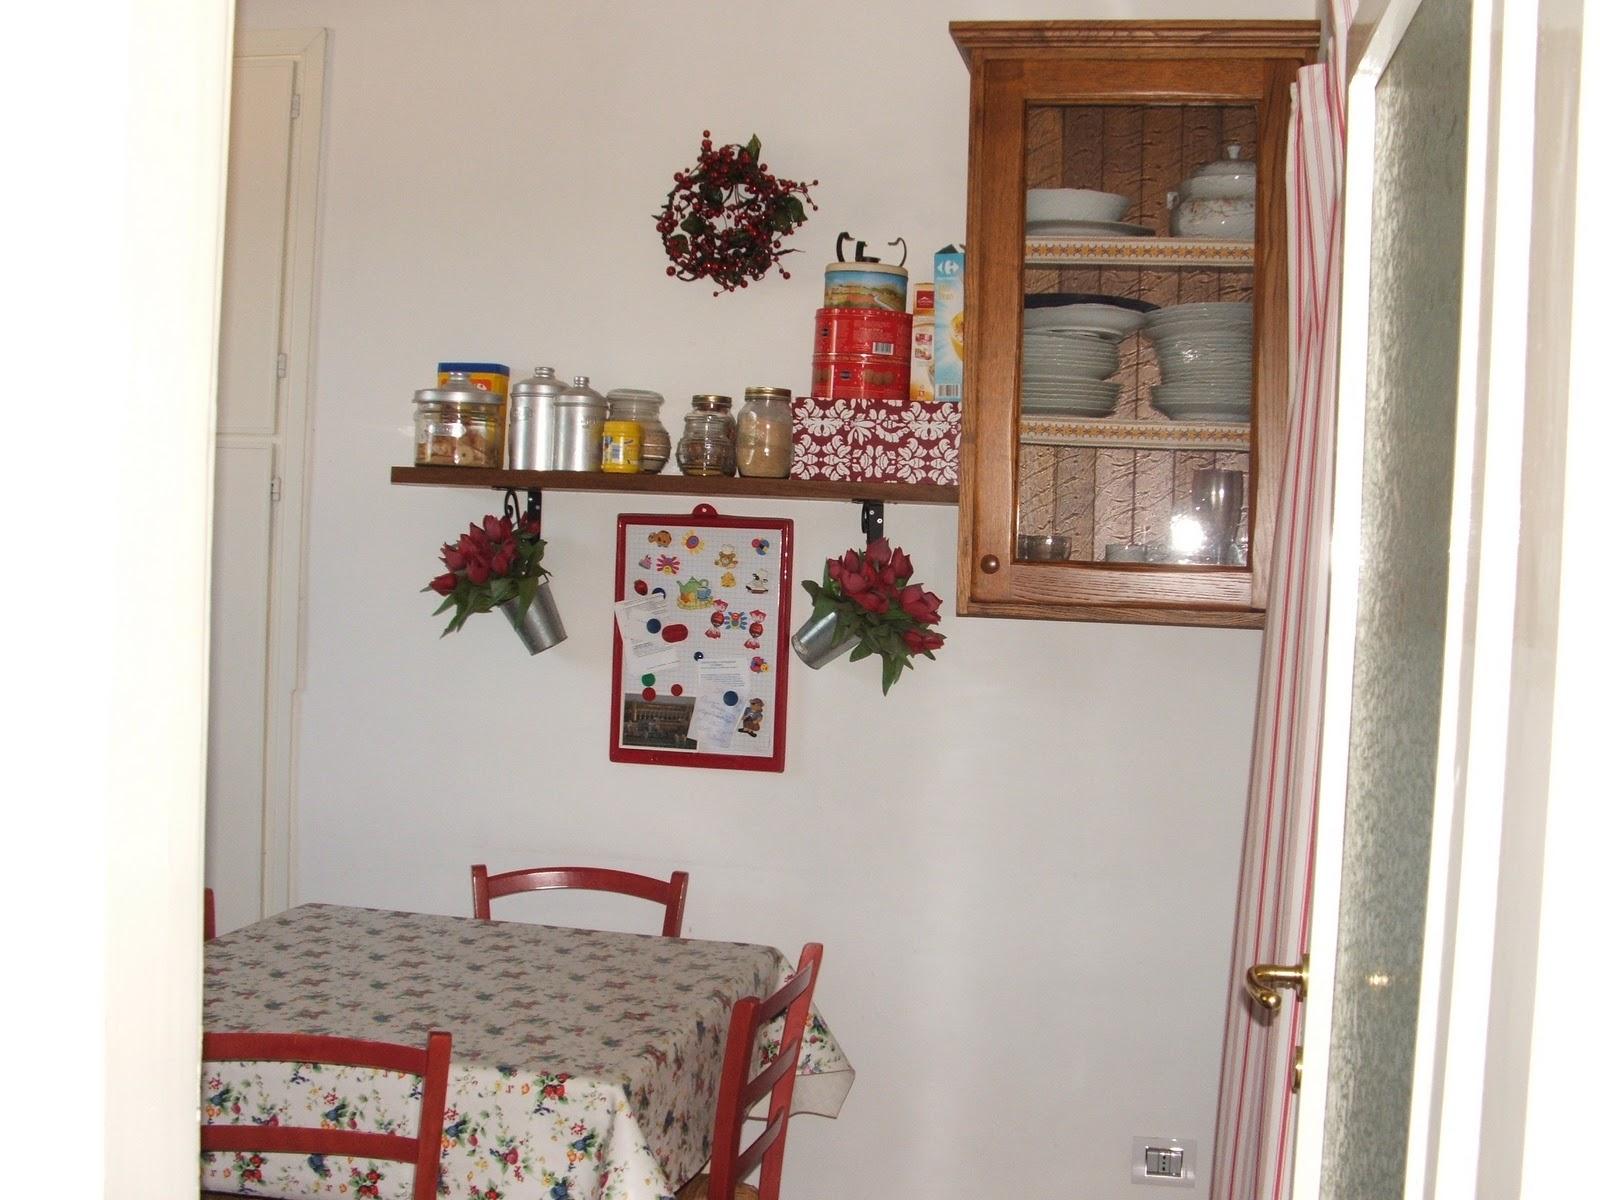 Finestra Per Cucina : Tenda per finestra cucina. Tende da finestra ...